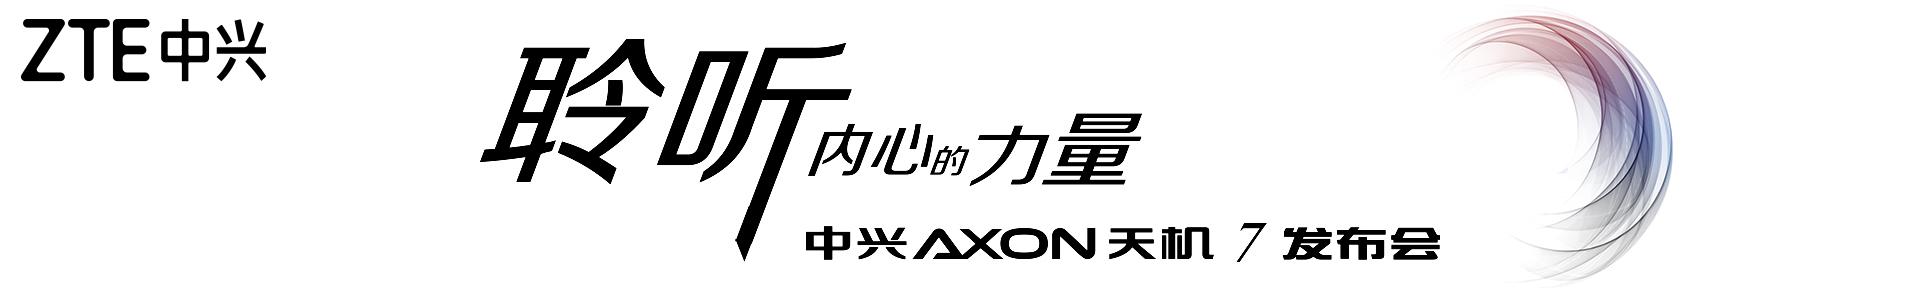 ������������ ����AXON���7������ֱ��